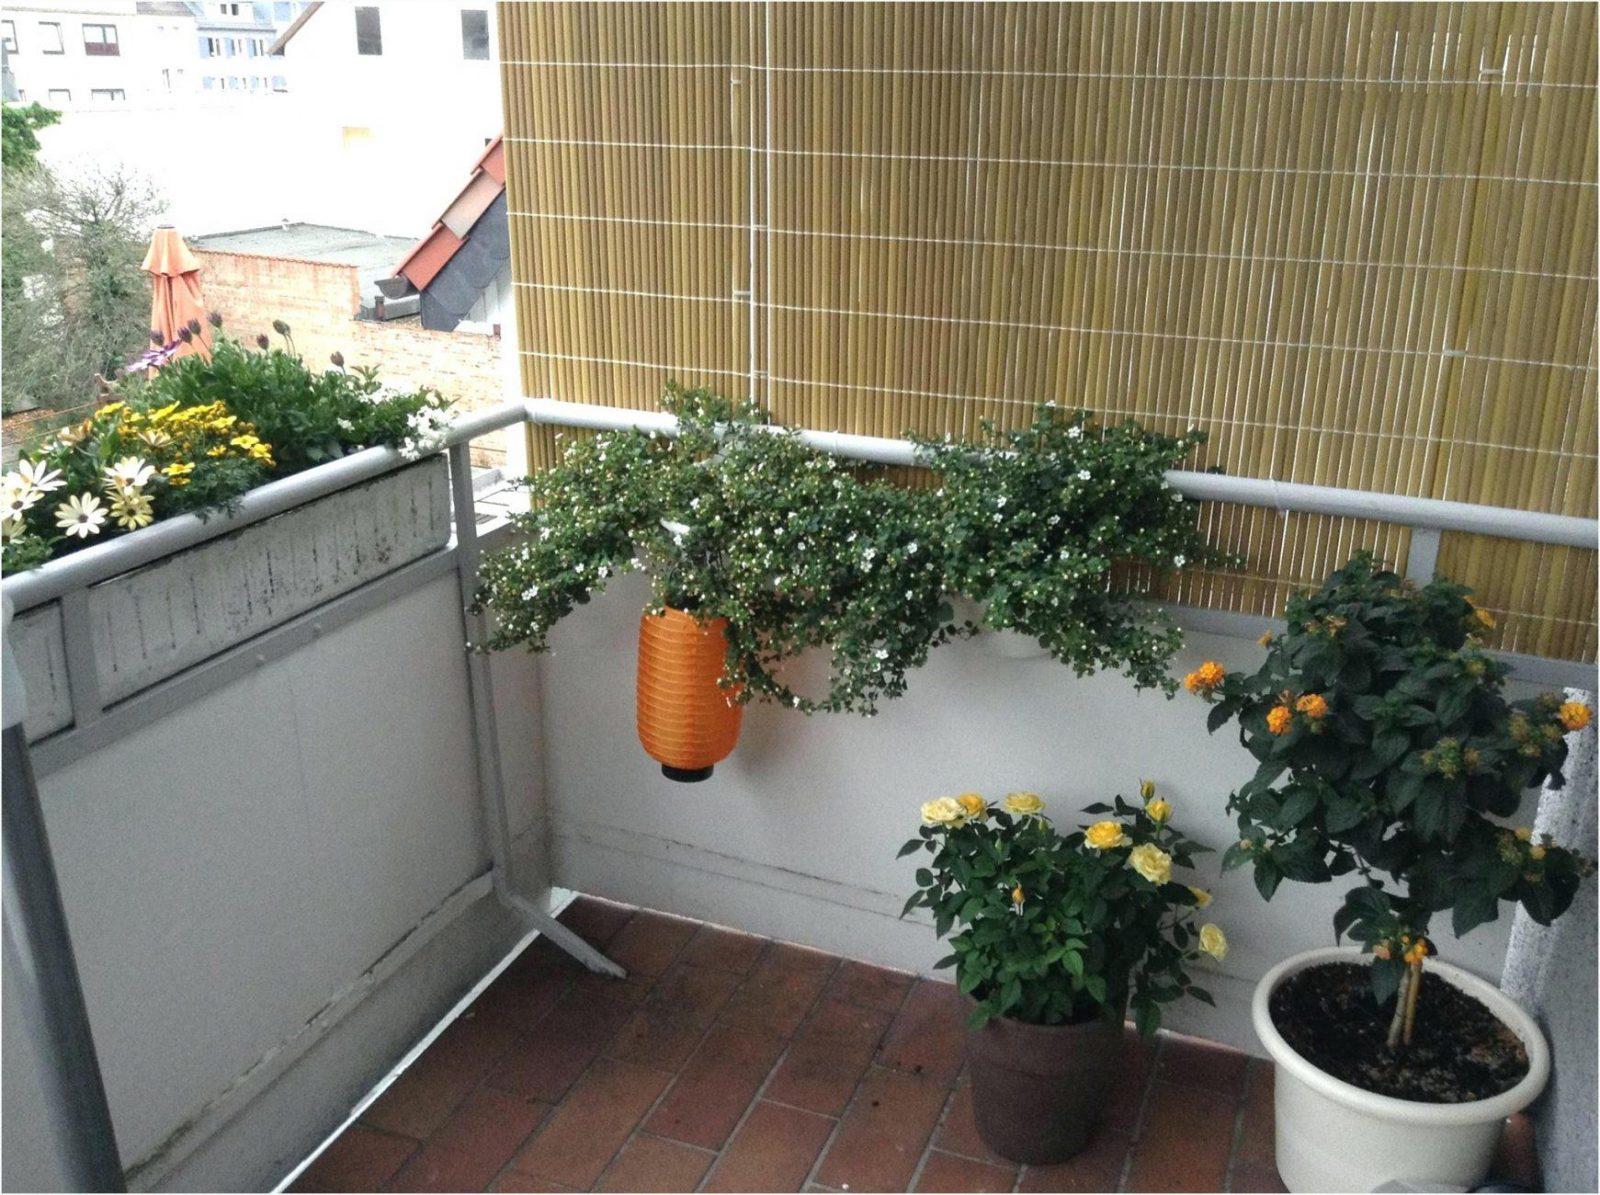 sichtschutz für balkon selber machen | haus design ideen